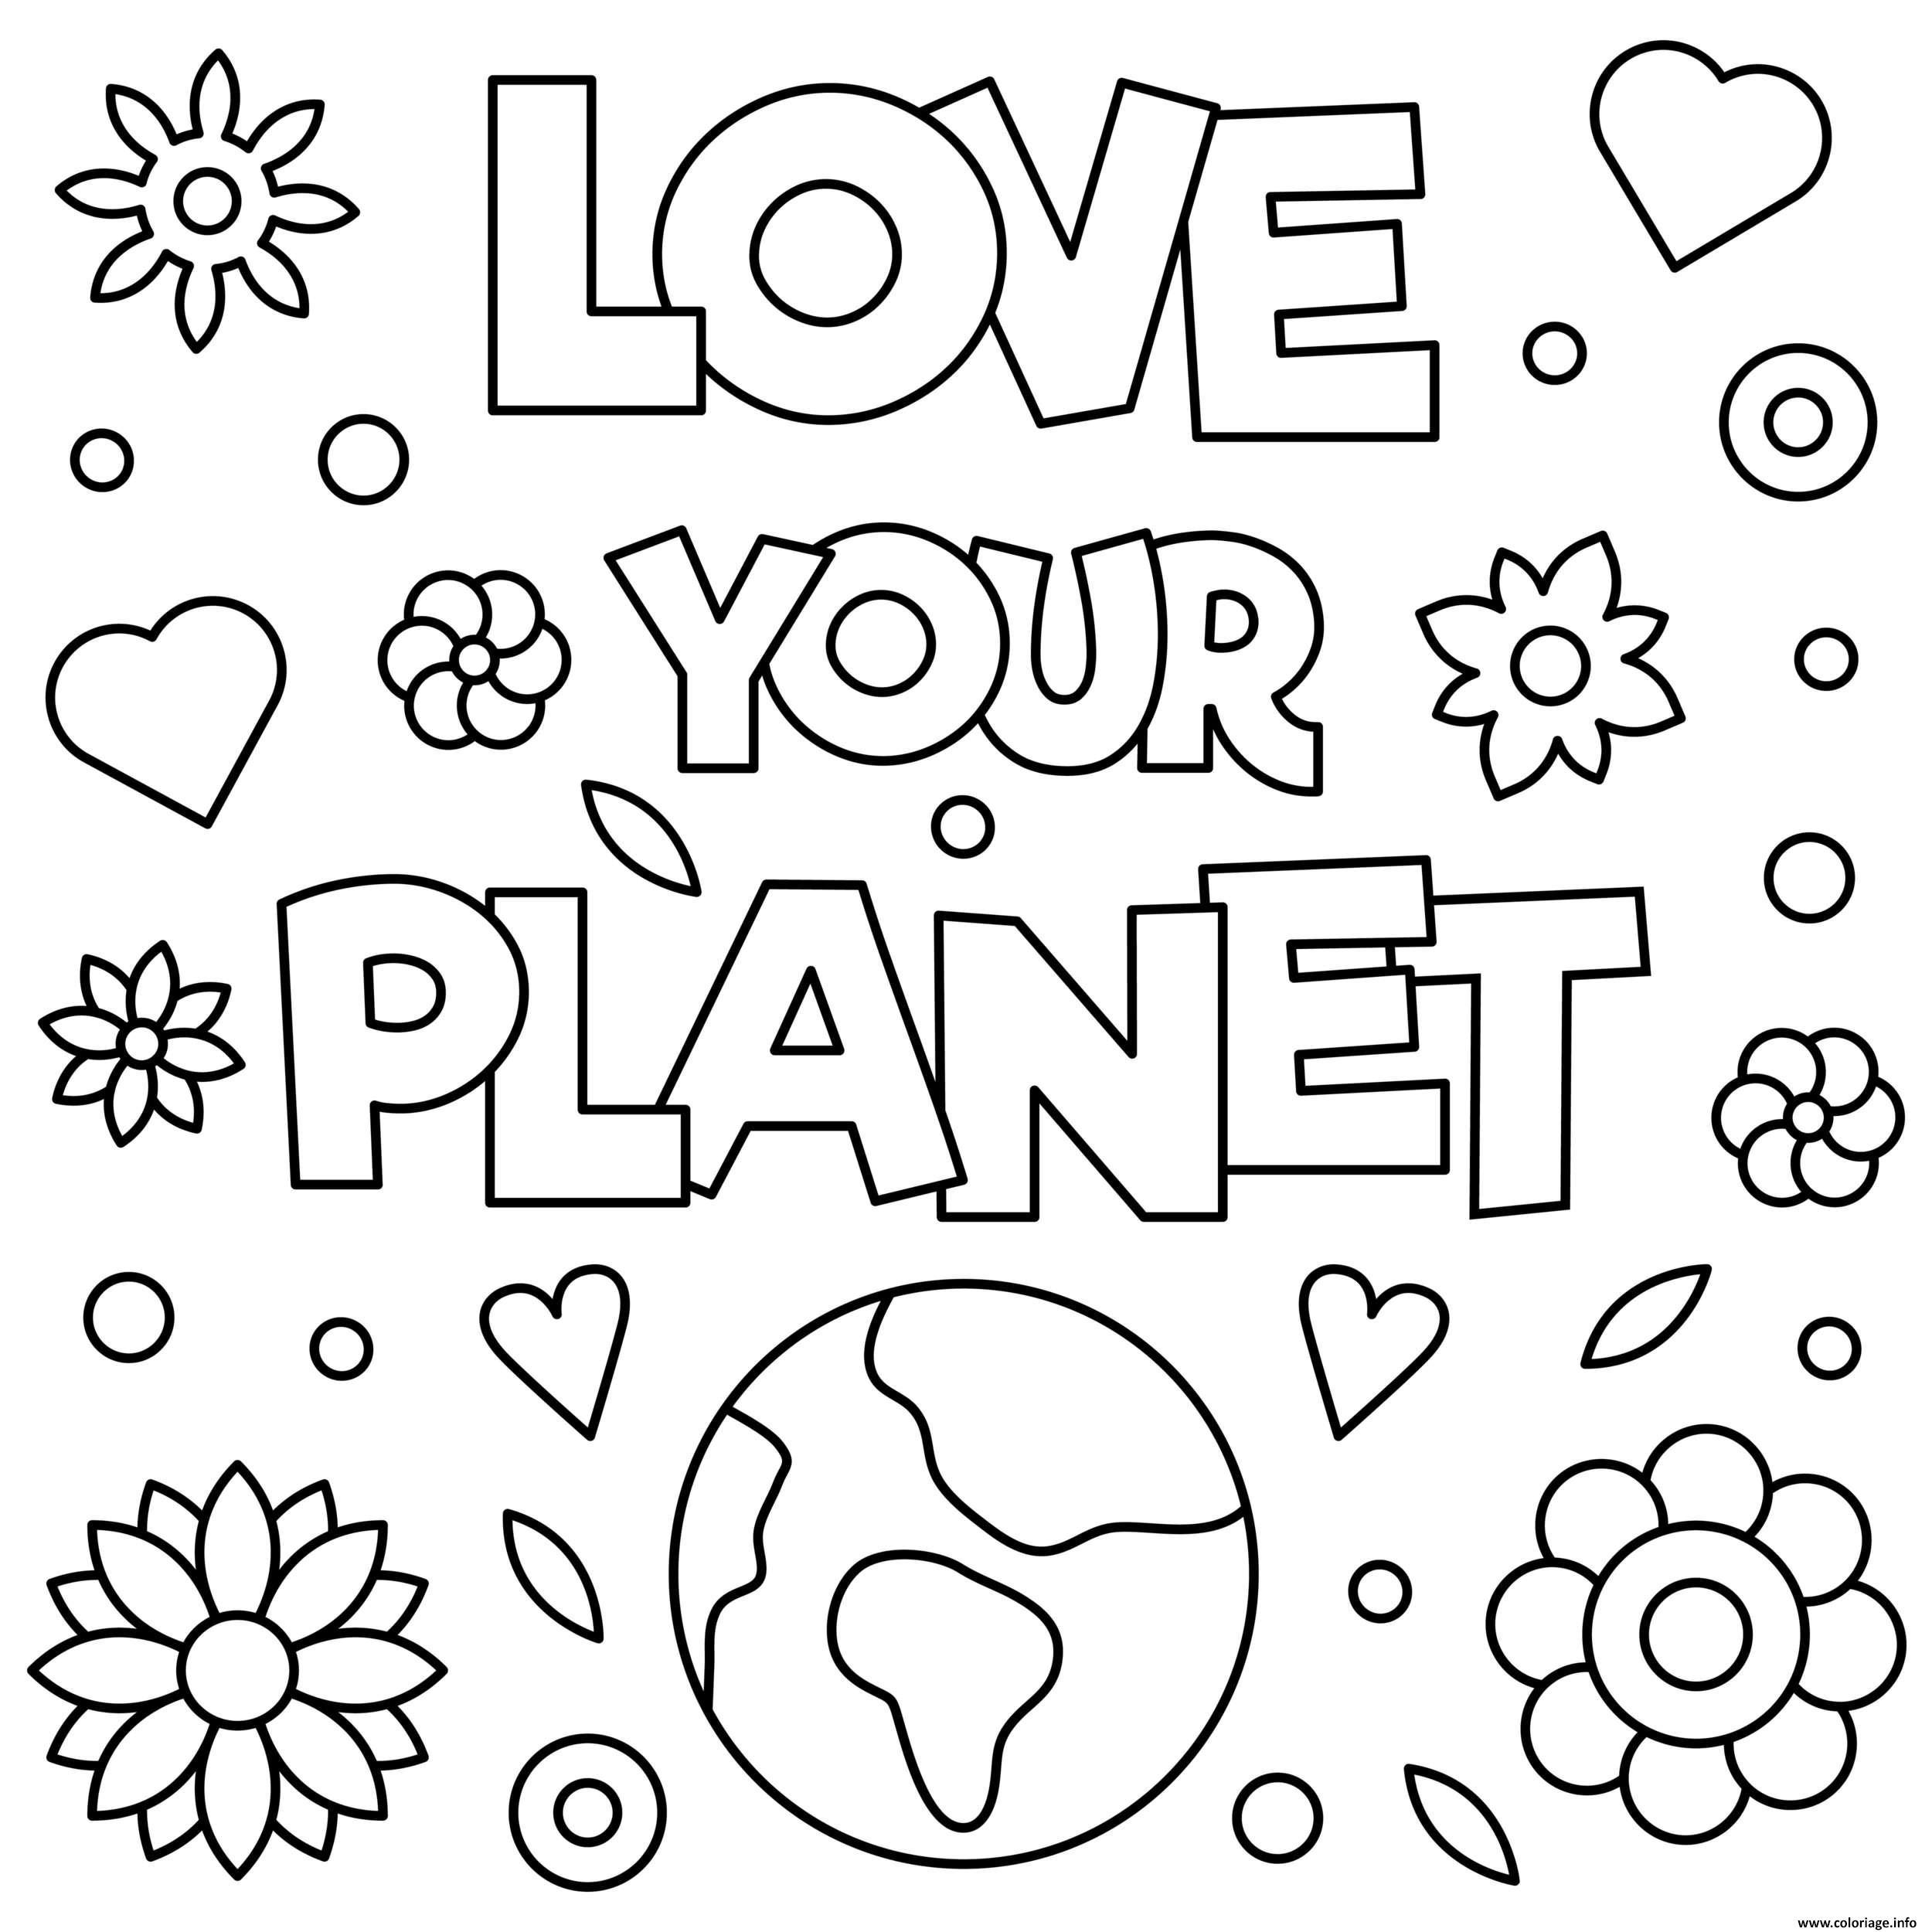 Dessin aime ta planete pour le jour de la terre Coloriage Gratuit à Imprimer